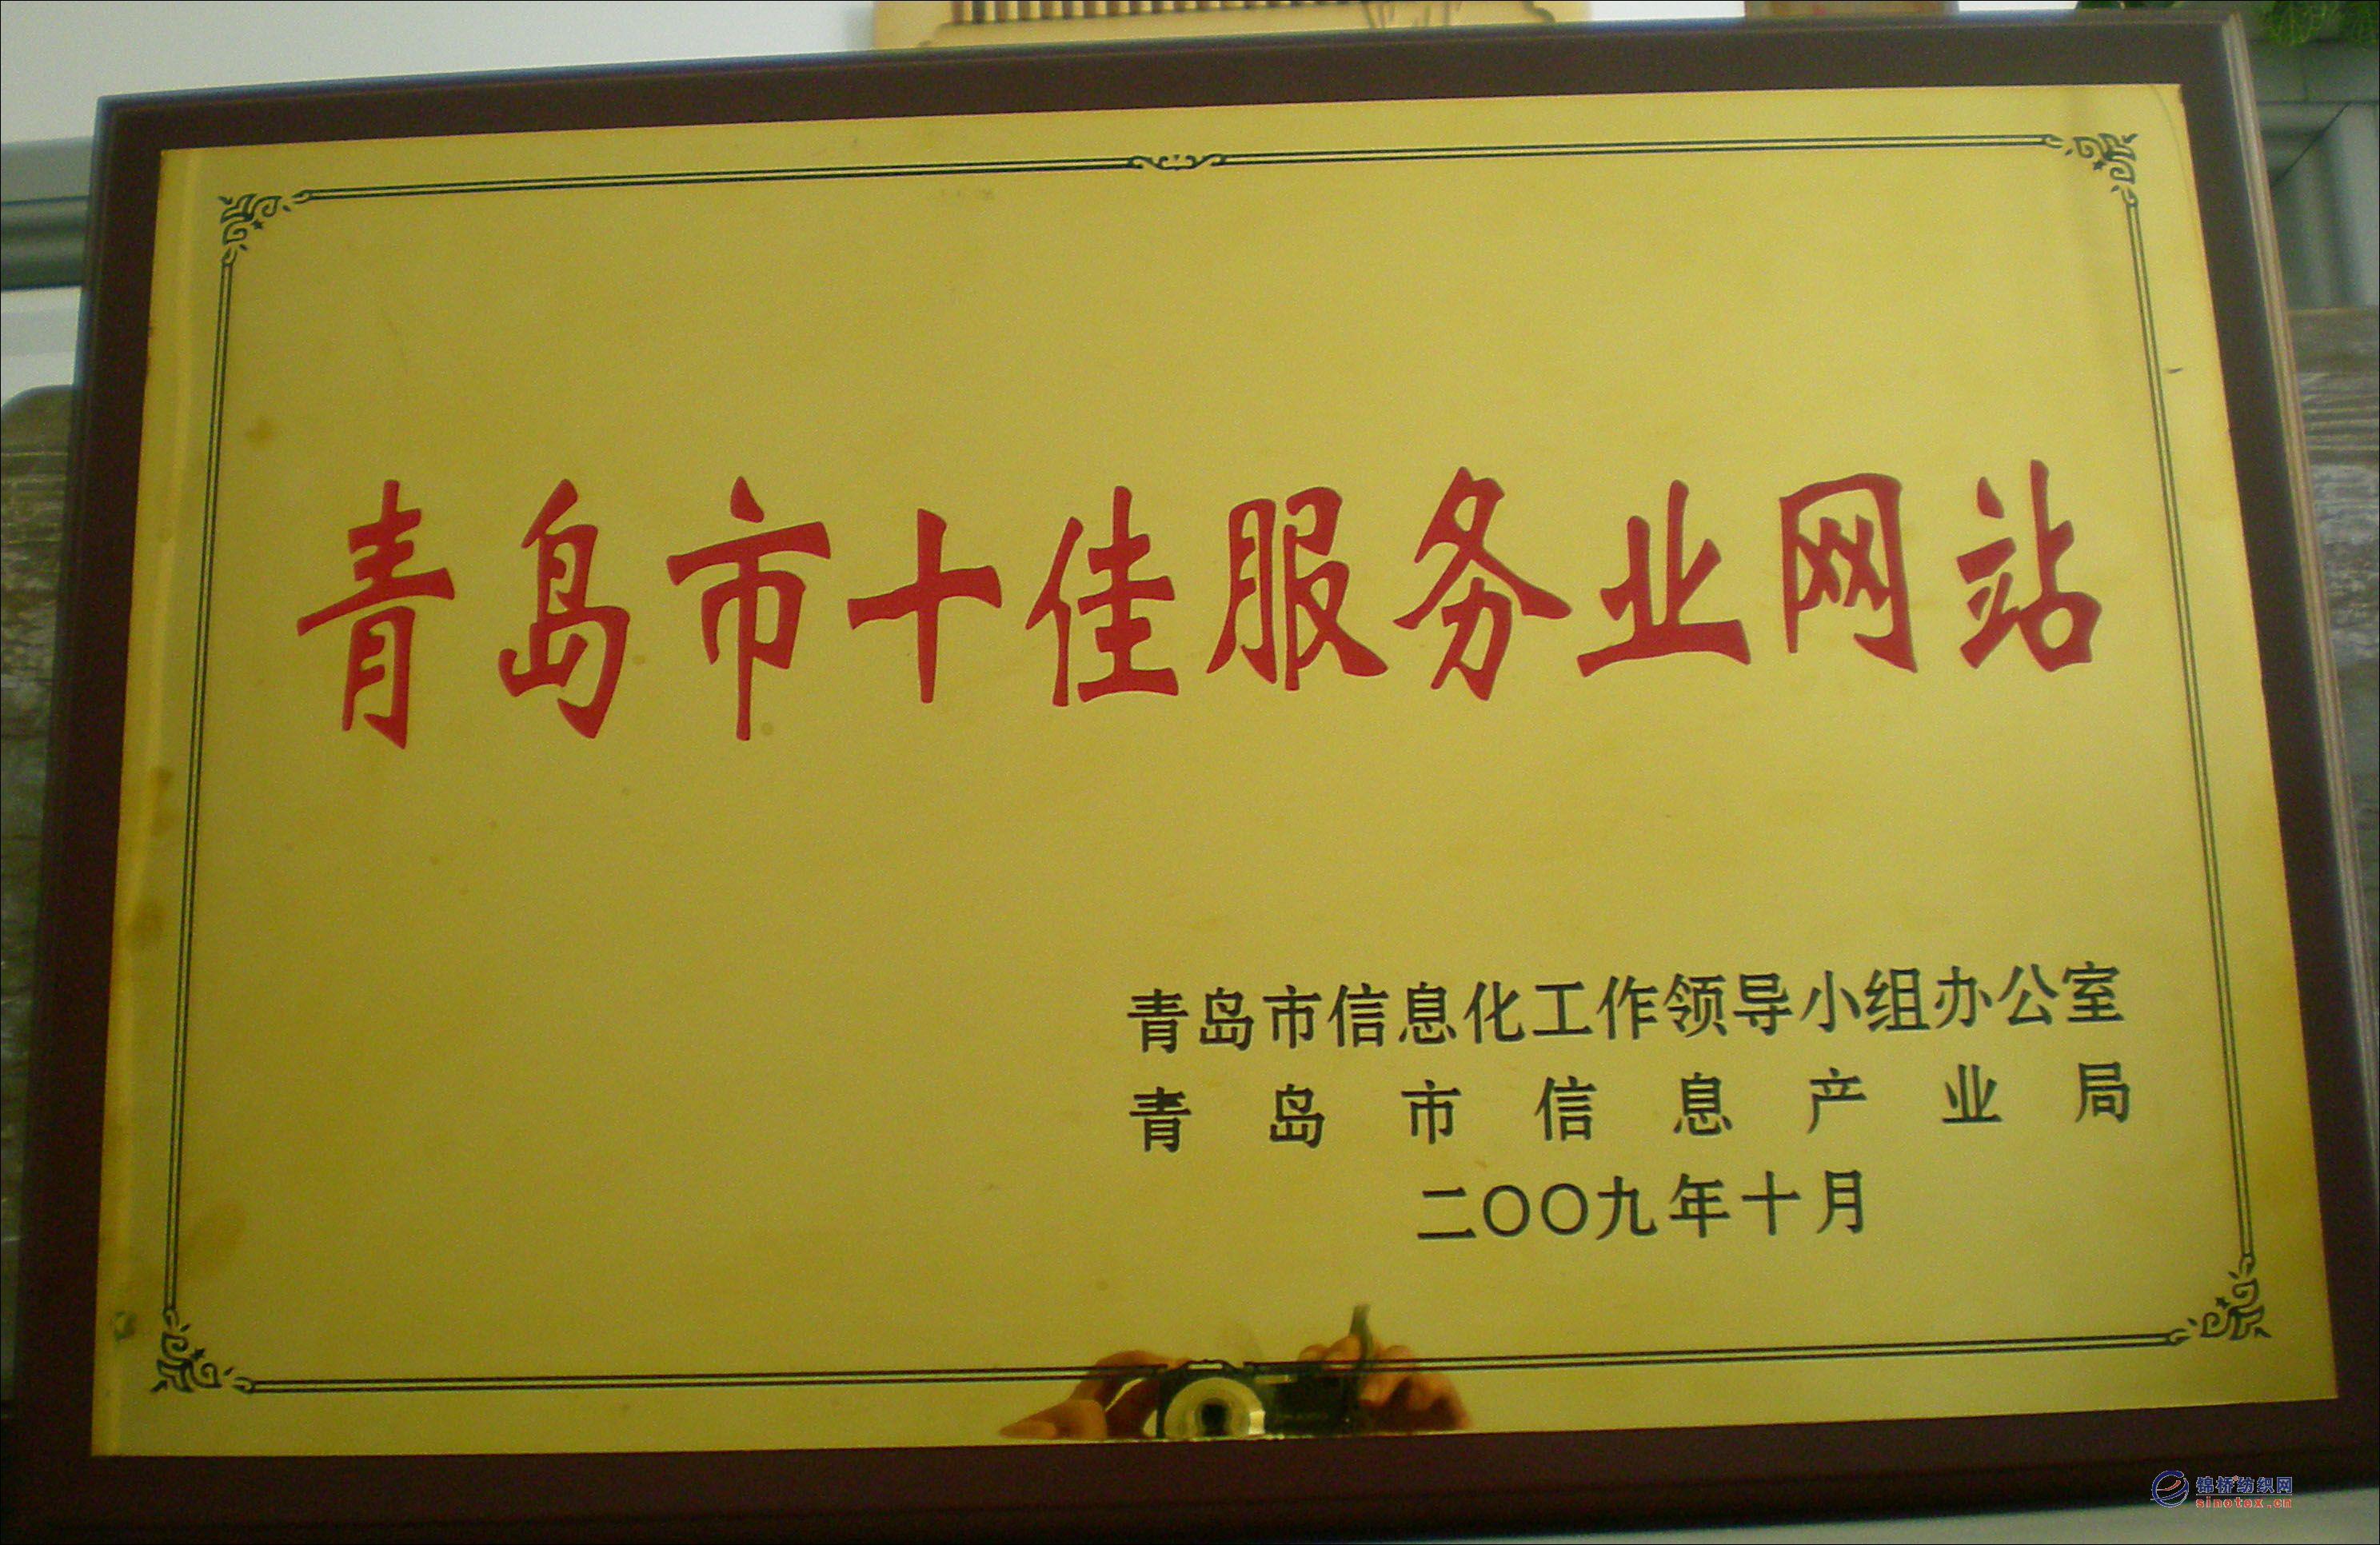 cn 职  务:客户服务  姓  名:董云亮  联系地址:青岛市崂山区松岭路